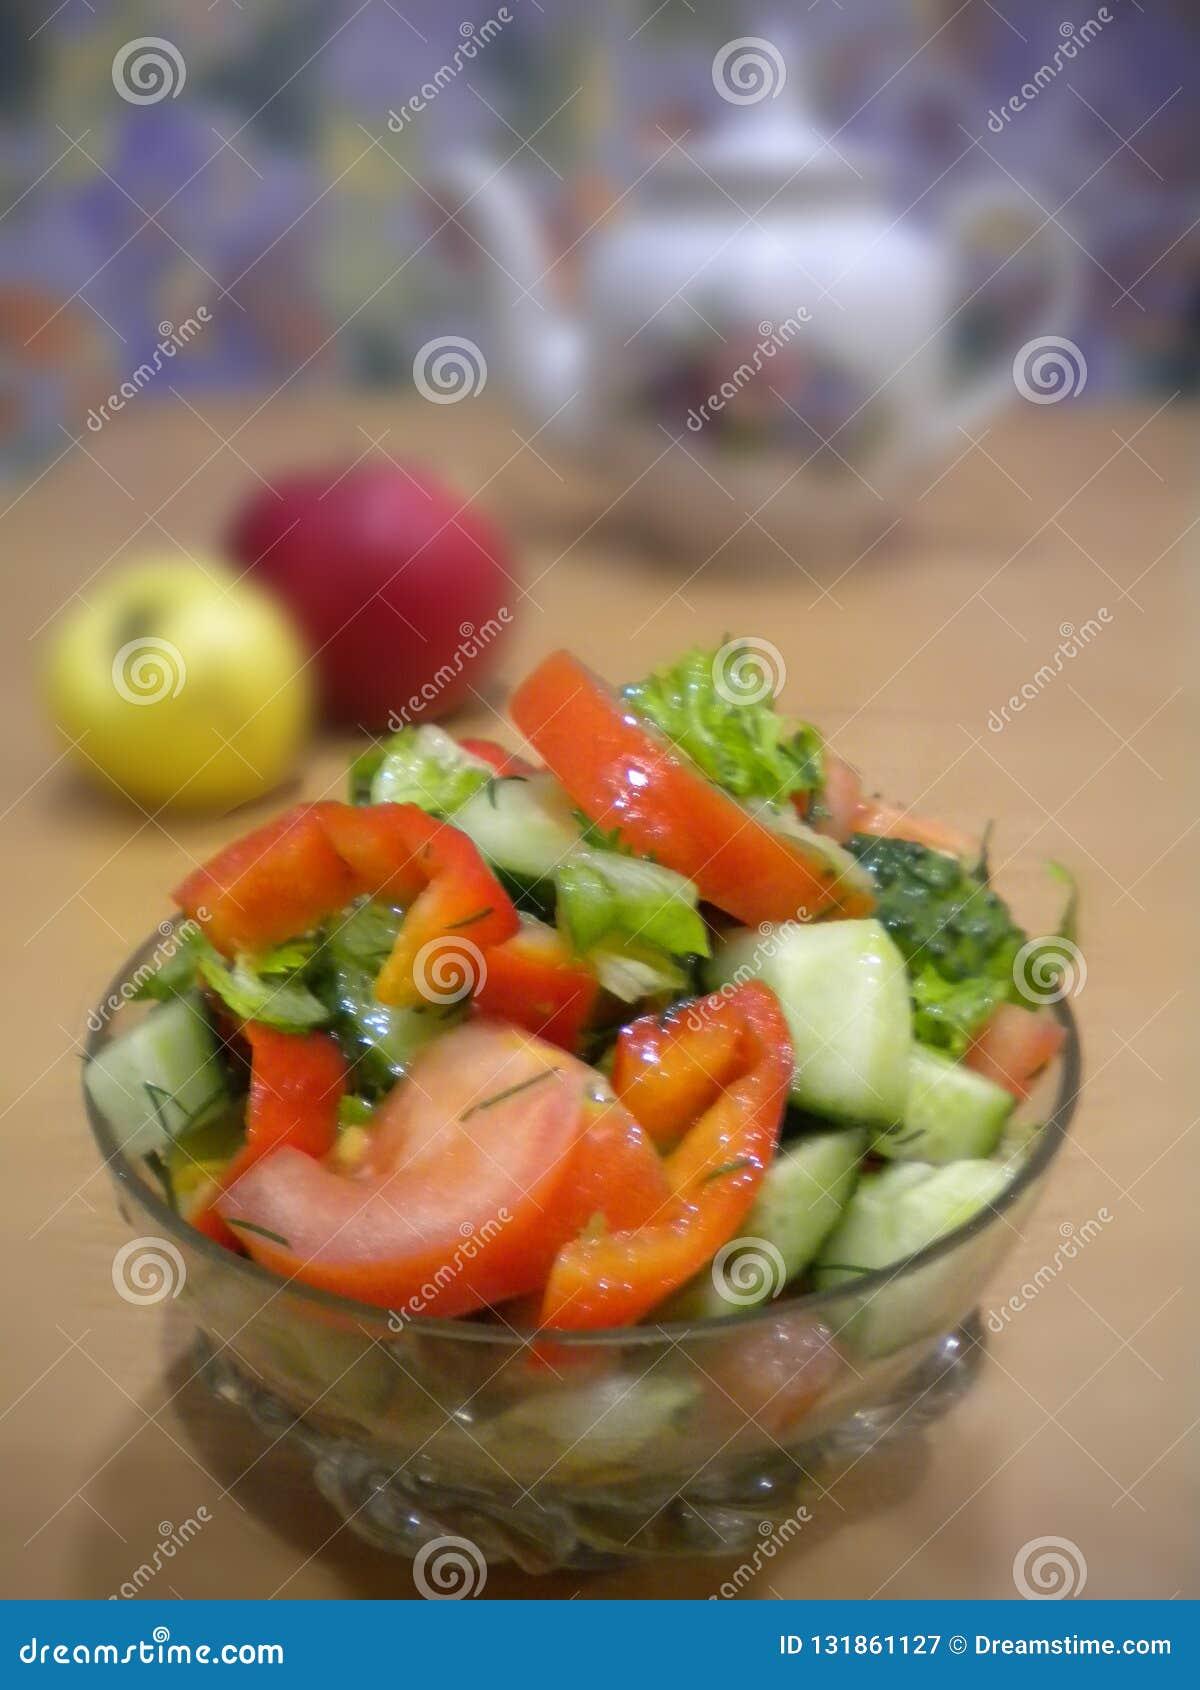 De zomer groene salade in een kristalkom van groenten